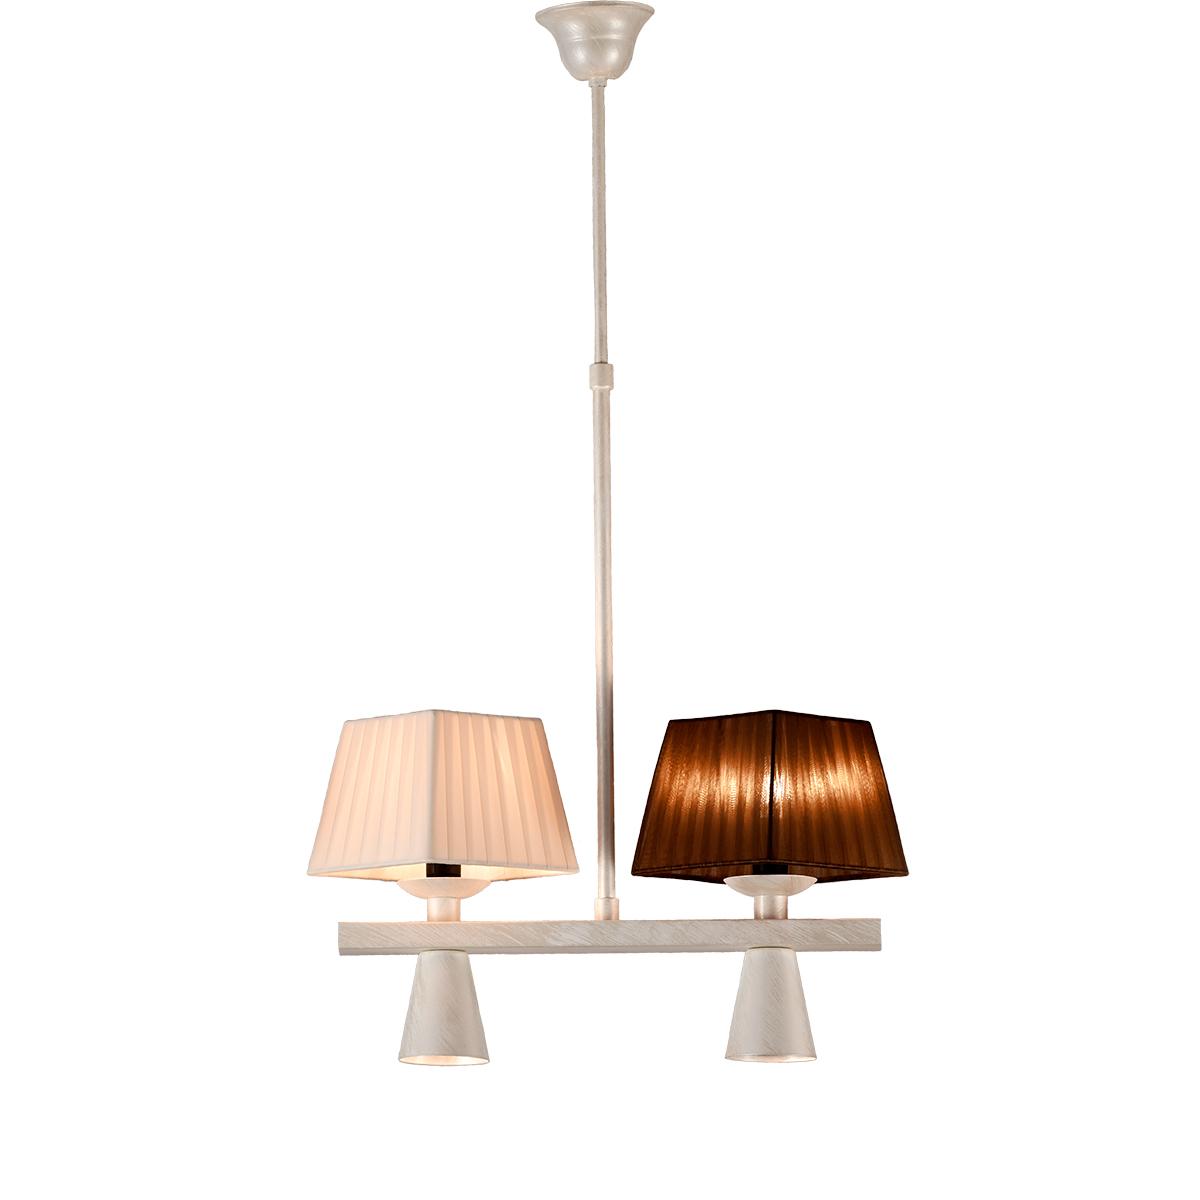 Τετράφωτο φωτιστικό ρουστίκ SMART-CAFE rustic 4-bulb chandelier